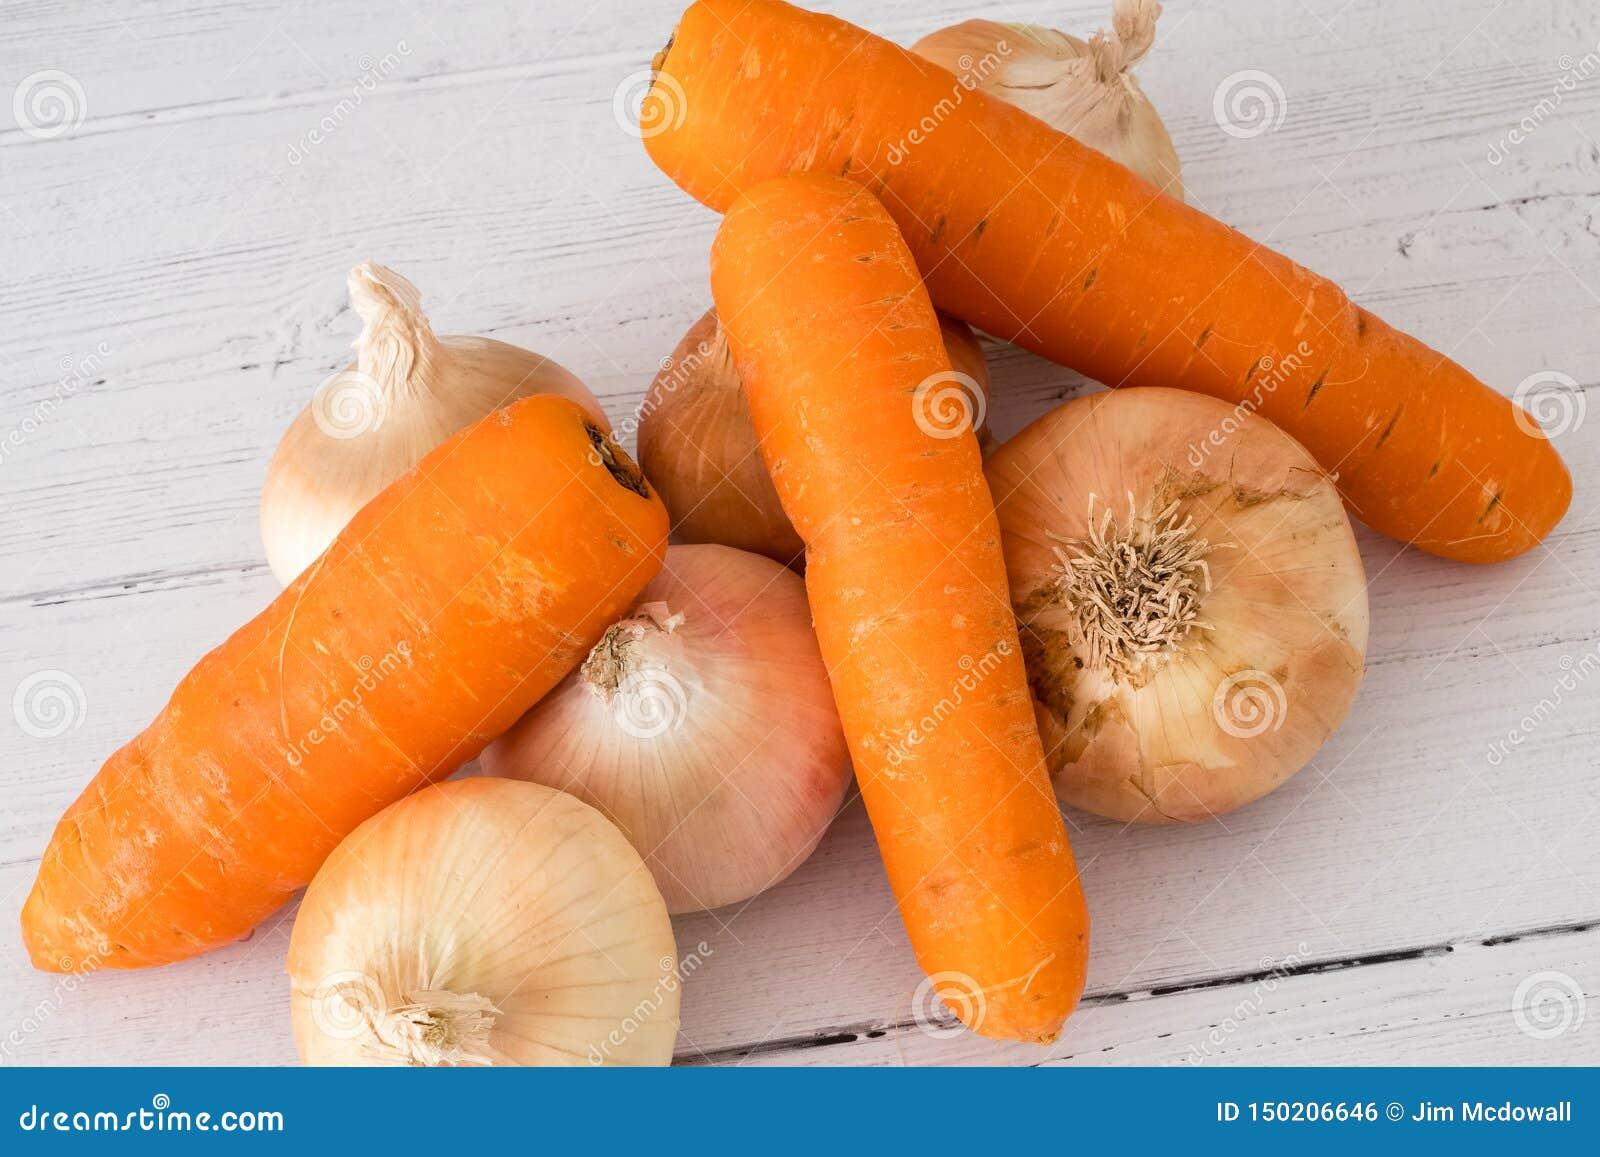 Seis cebollas producidas escocesas de oro y tres zanahorias una de sus cinco un día en la consumición sana